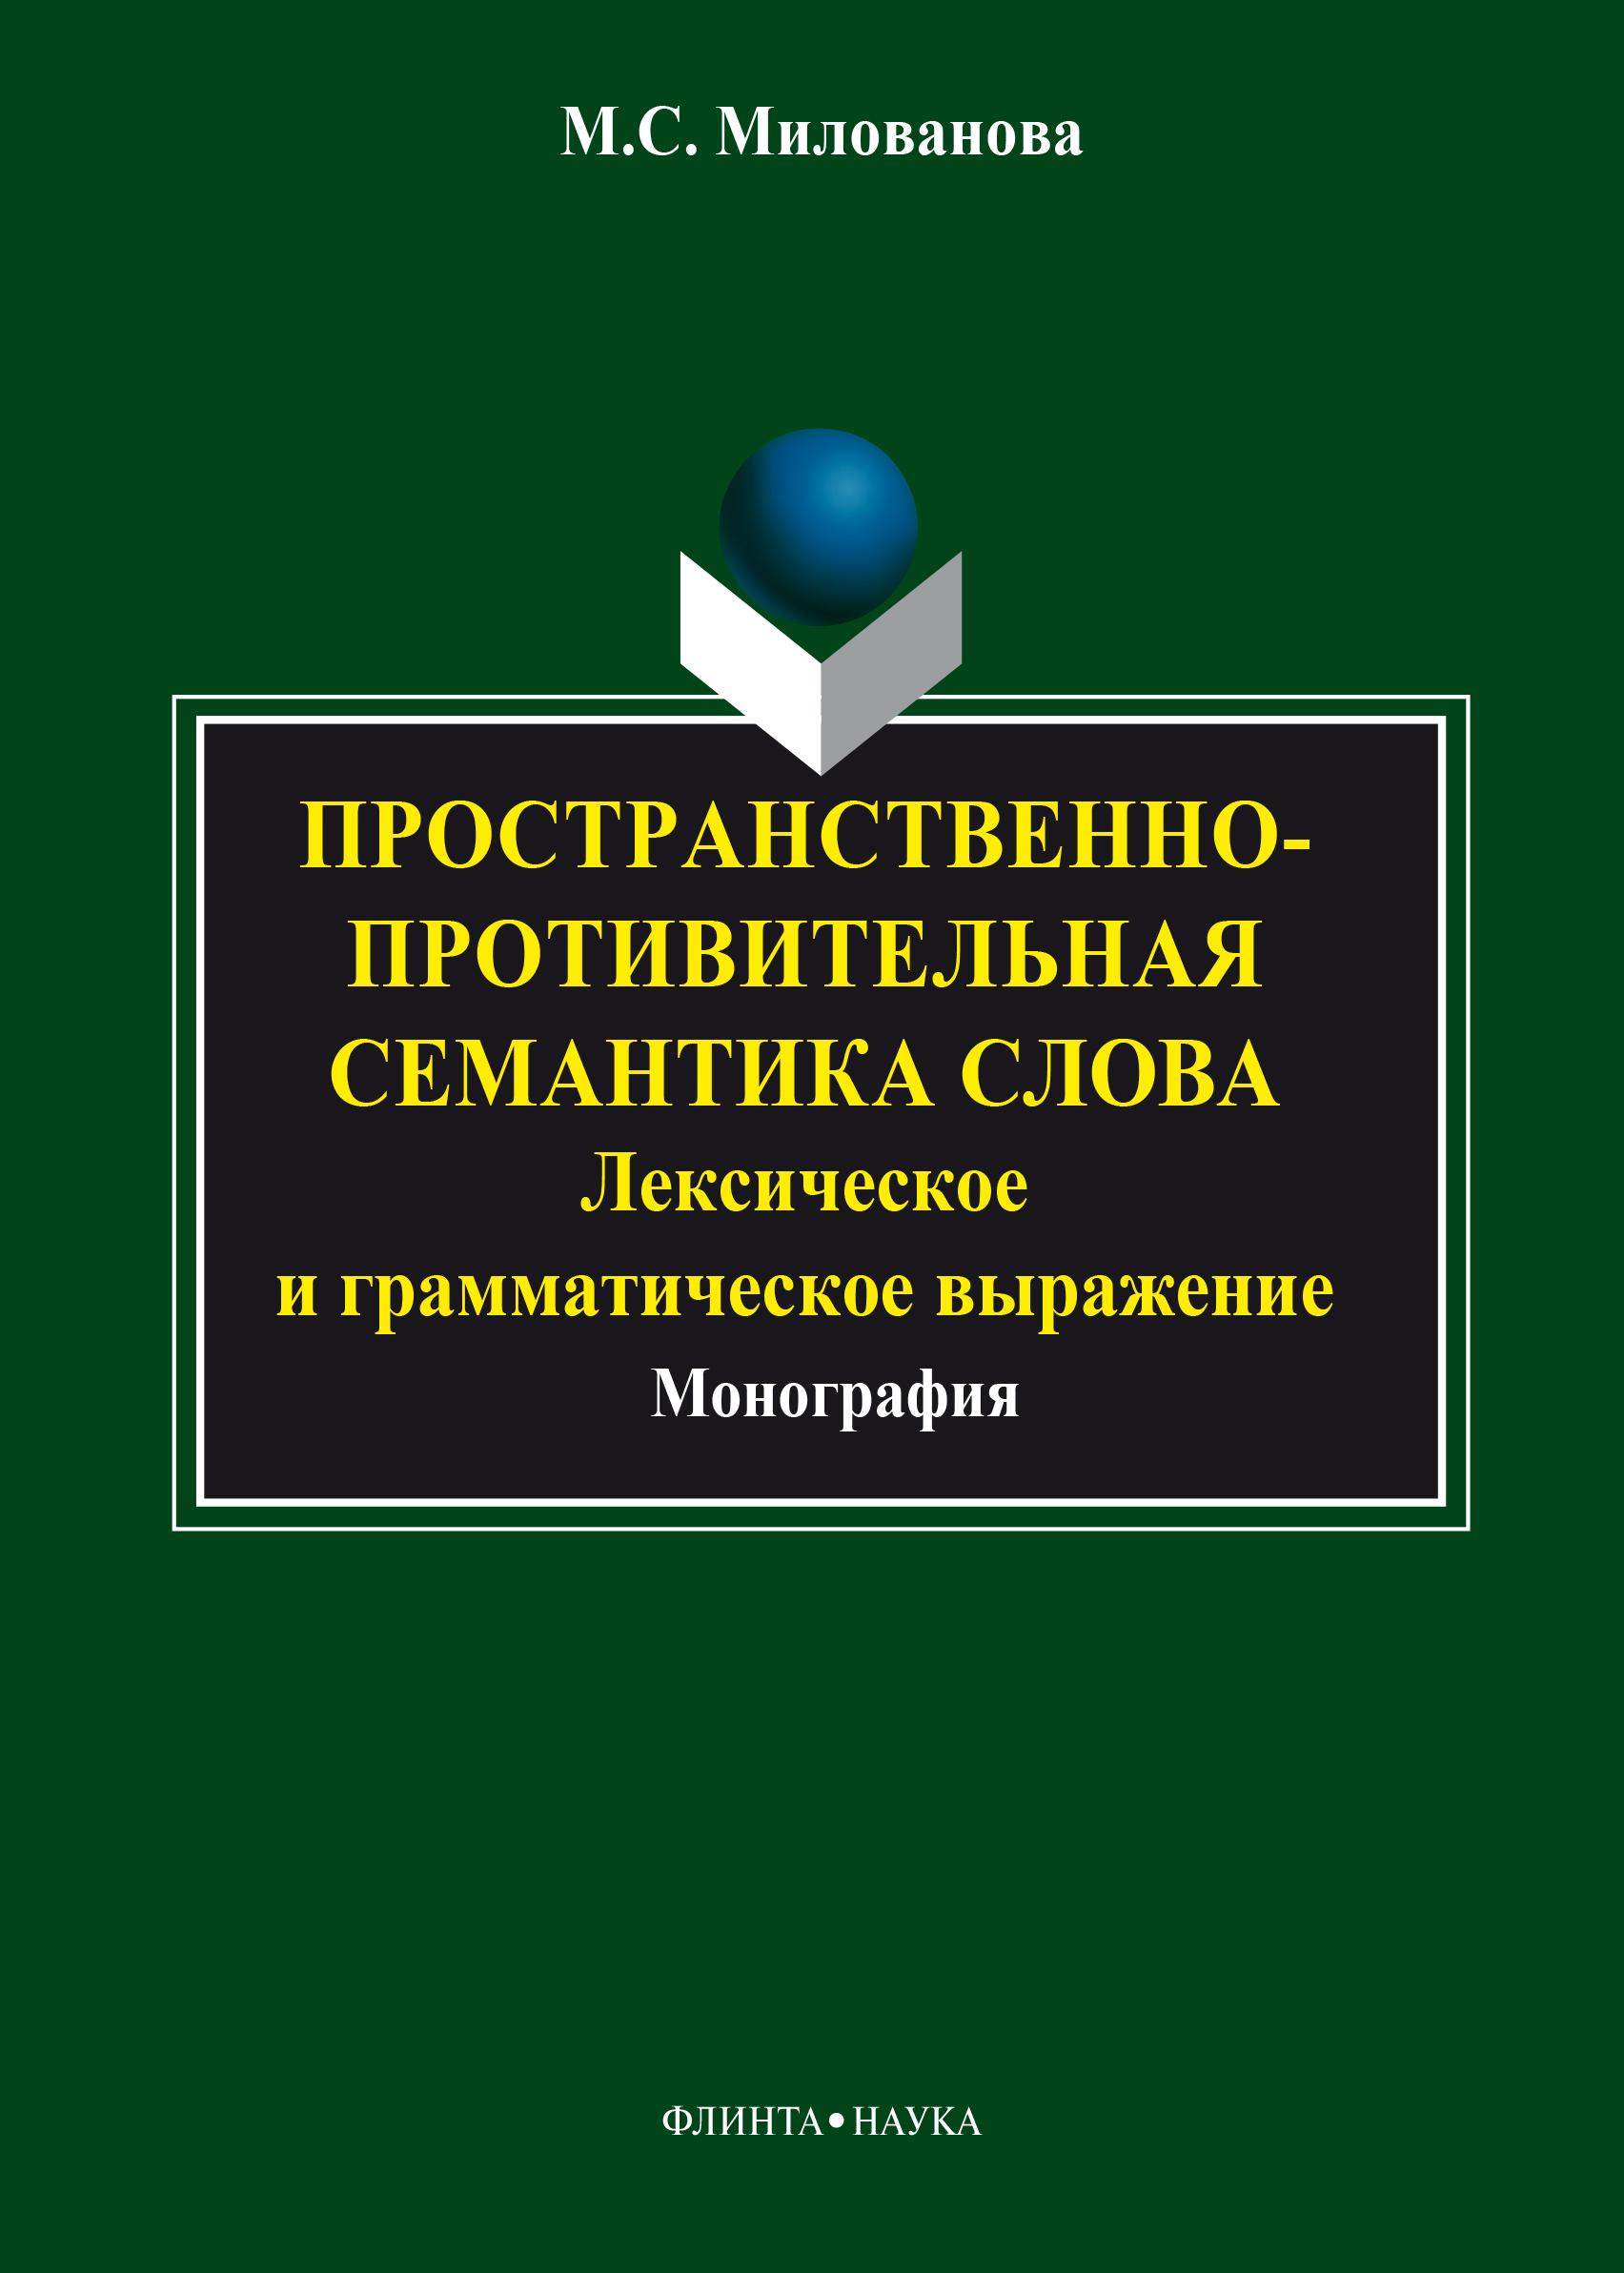 М. С. Милованова Пространственно-противительная семантика слова: лексическое и грамматическое выражение цены онлайн